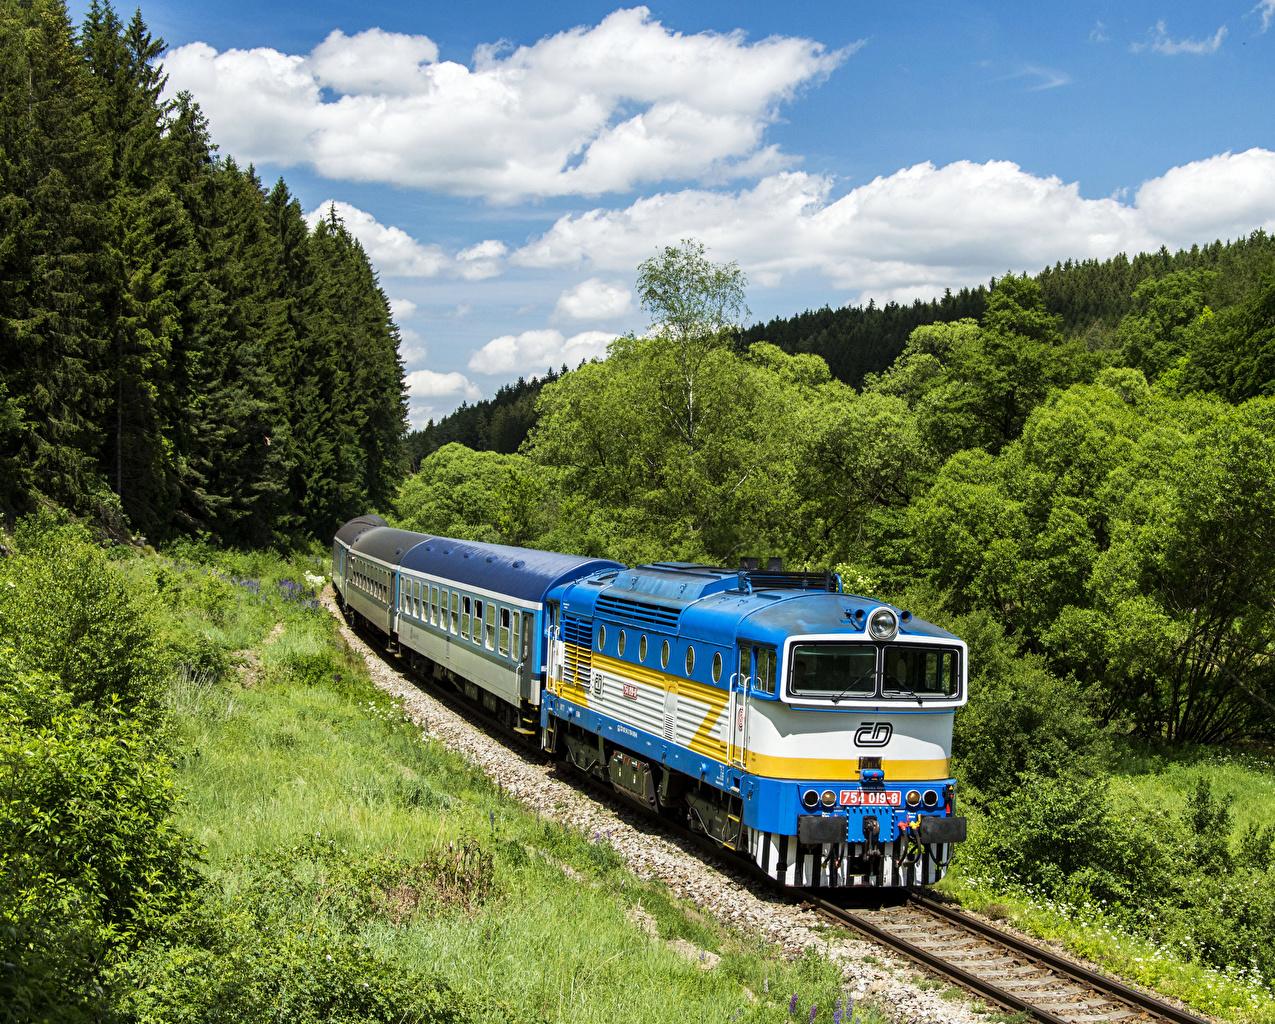 Обои для рабочего стола Чехия Природа Поезда Железные дороги дерево дерева Деревья деревьев